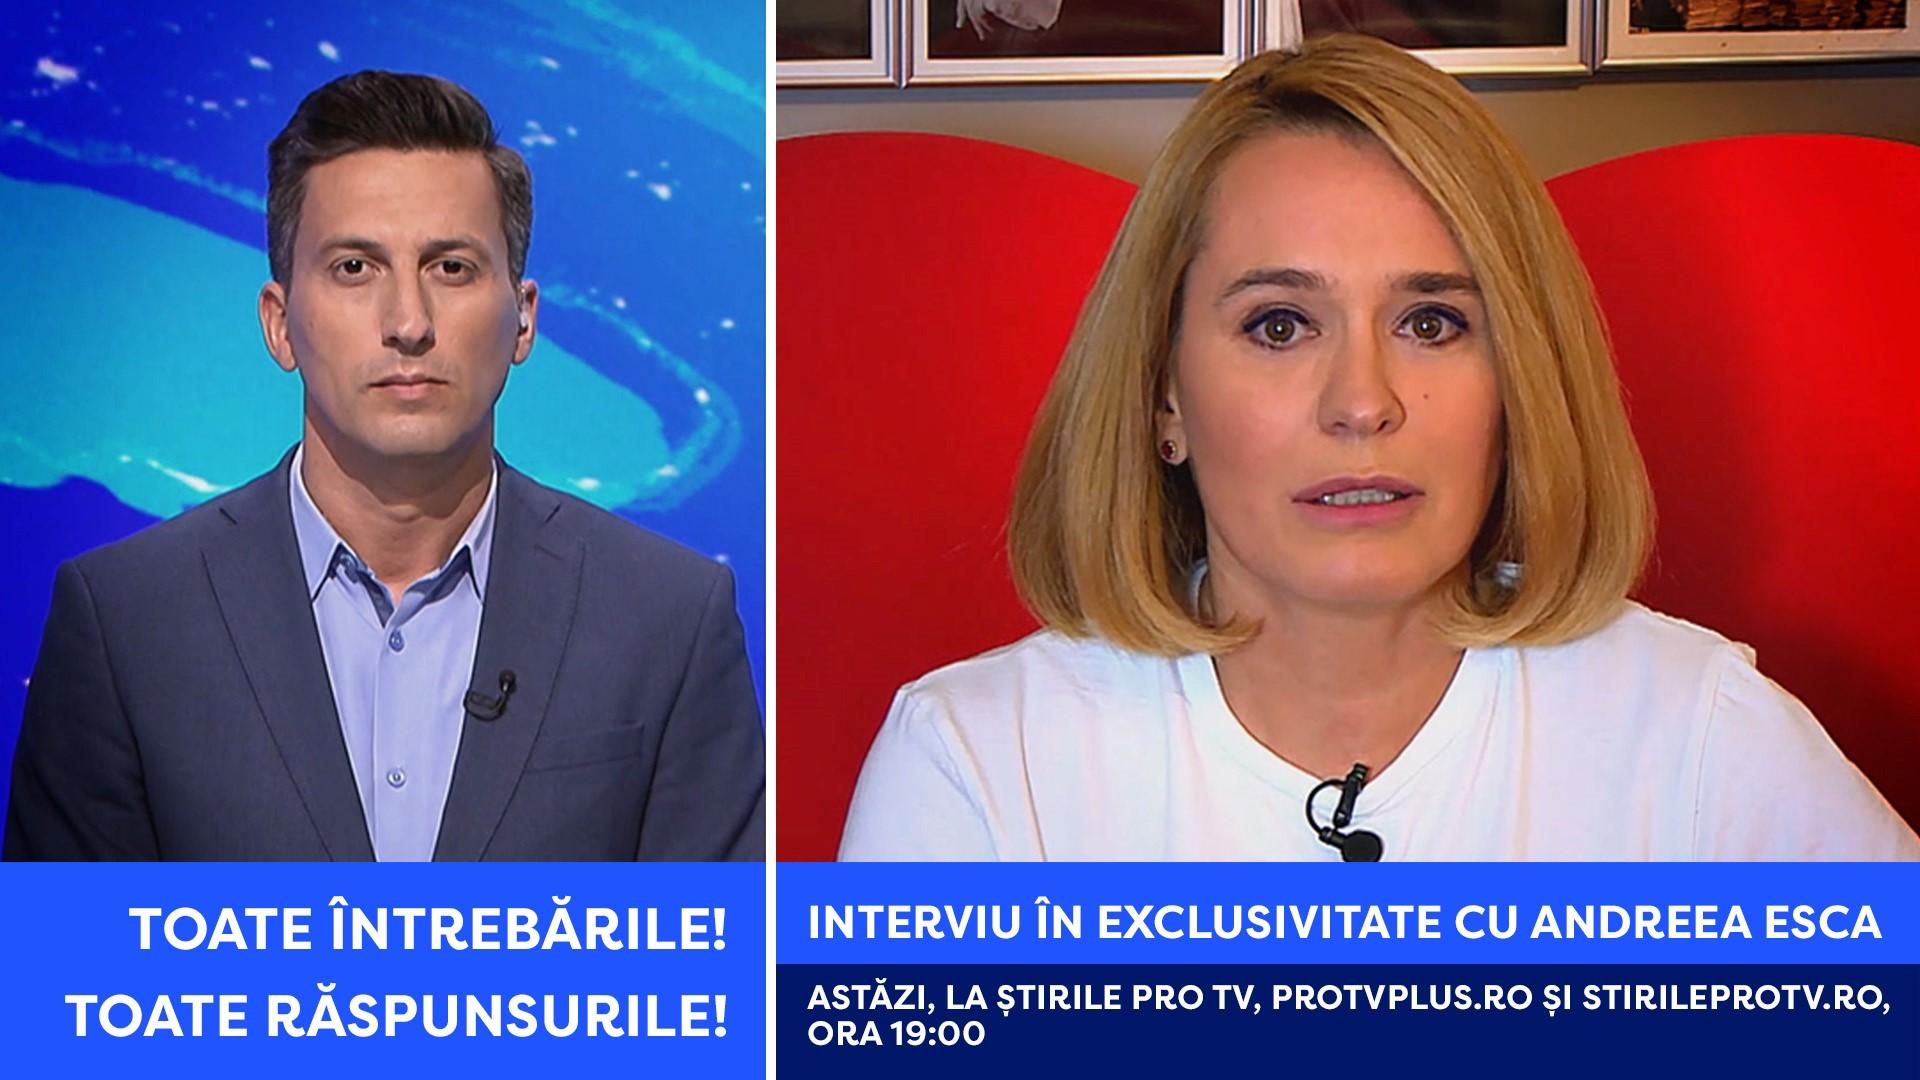 Ce s-a întâmplat cu Andreea Esca: toate întrebările, toate răspunsurile. Interviu azi, la Ştirile ProTV de la ora 19:00